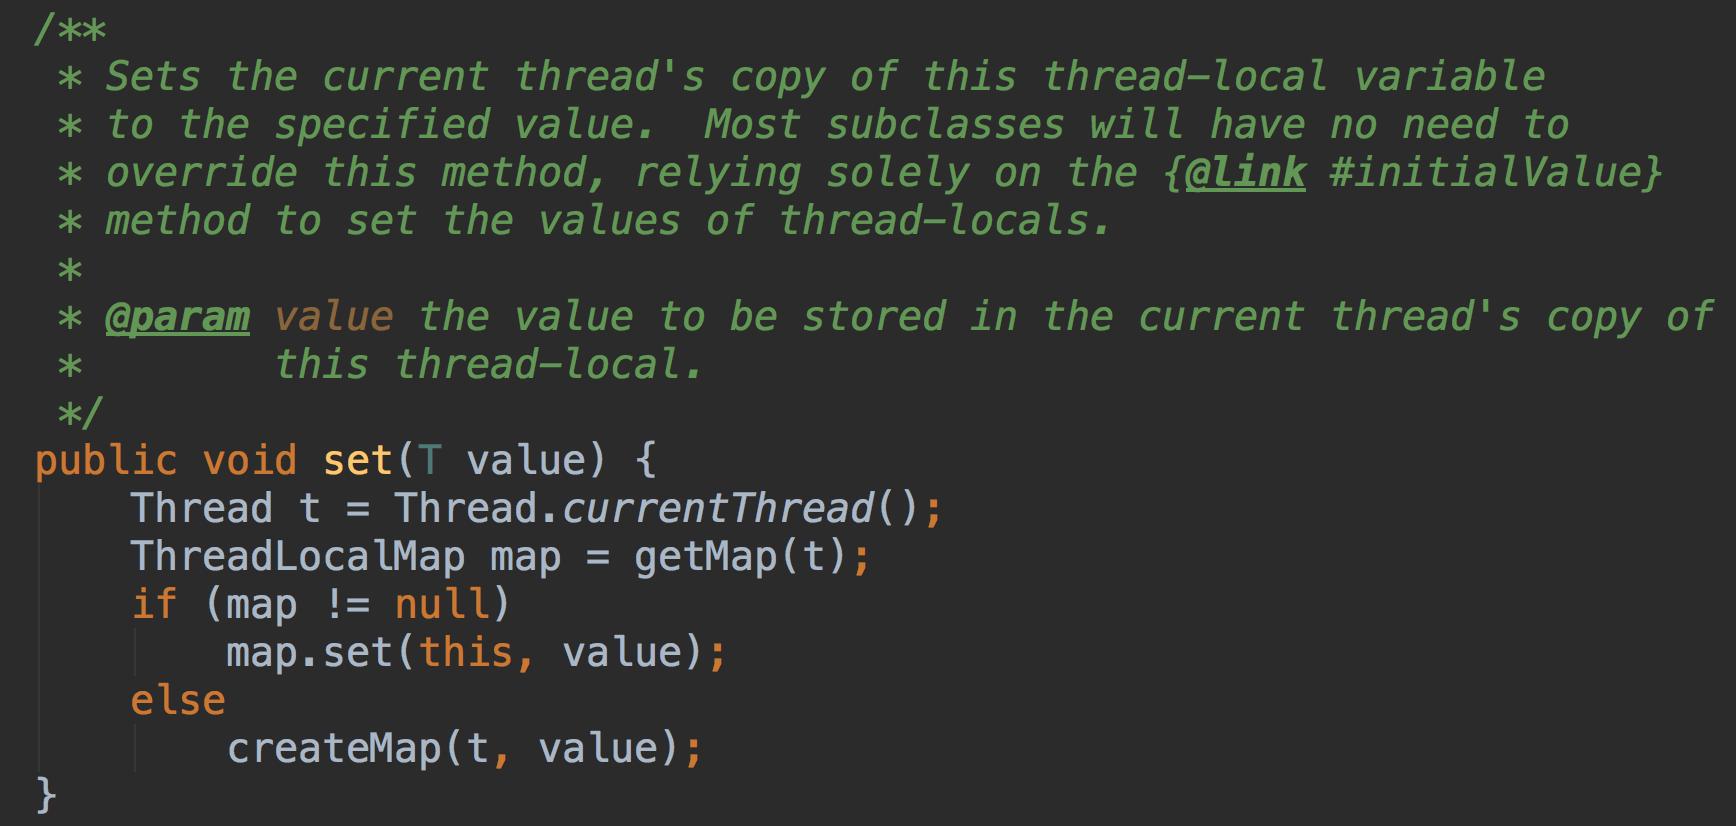 设置此线程局部变量的当前线程的副本到指定的值,大多数的子类都不需要重写此方法